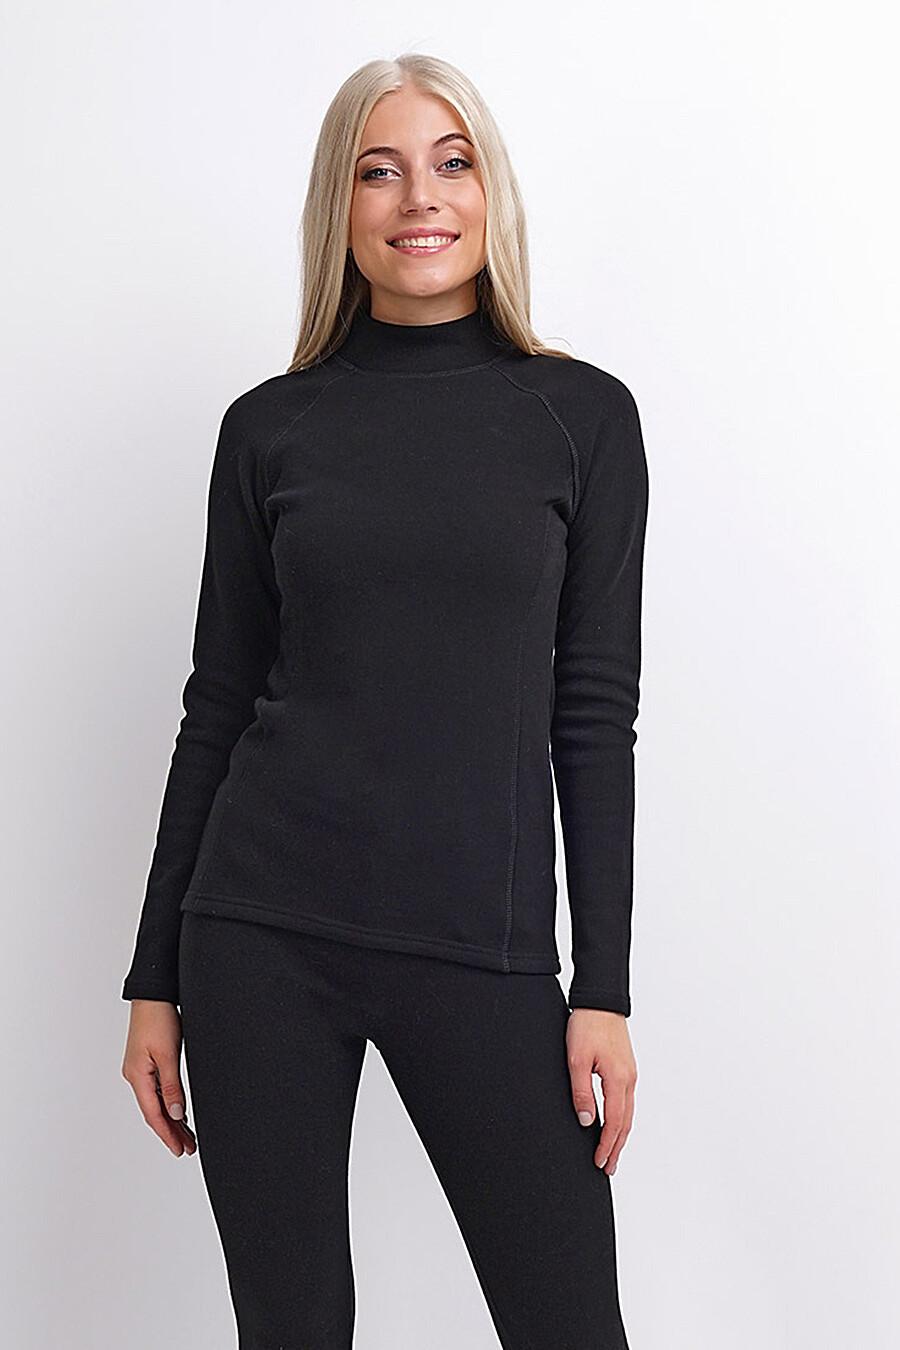 Джемпер (Термобелье) для женщин CLEVER 158566 купить оптом от производителя. Совместная покупка женской одежды в OptMoyo